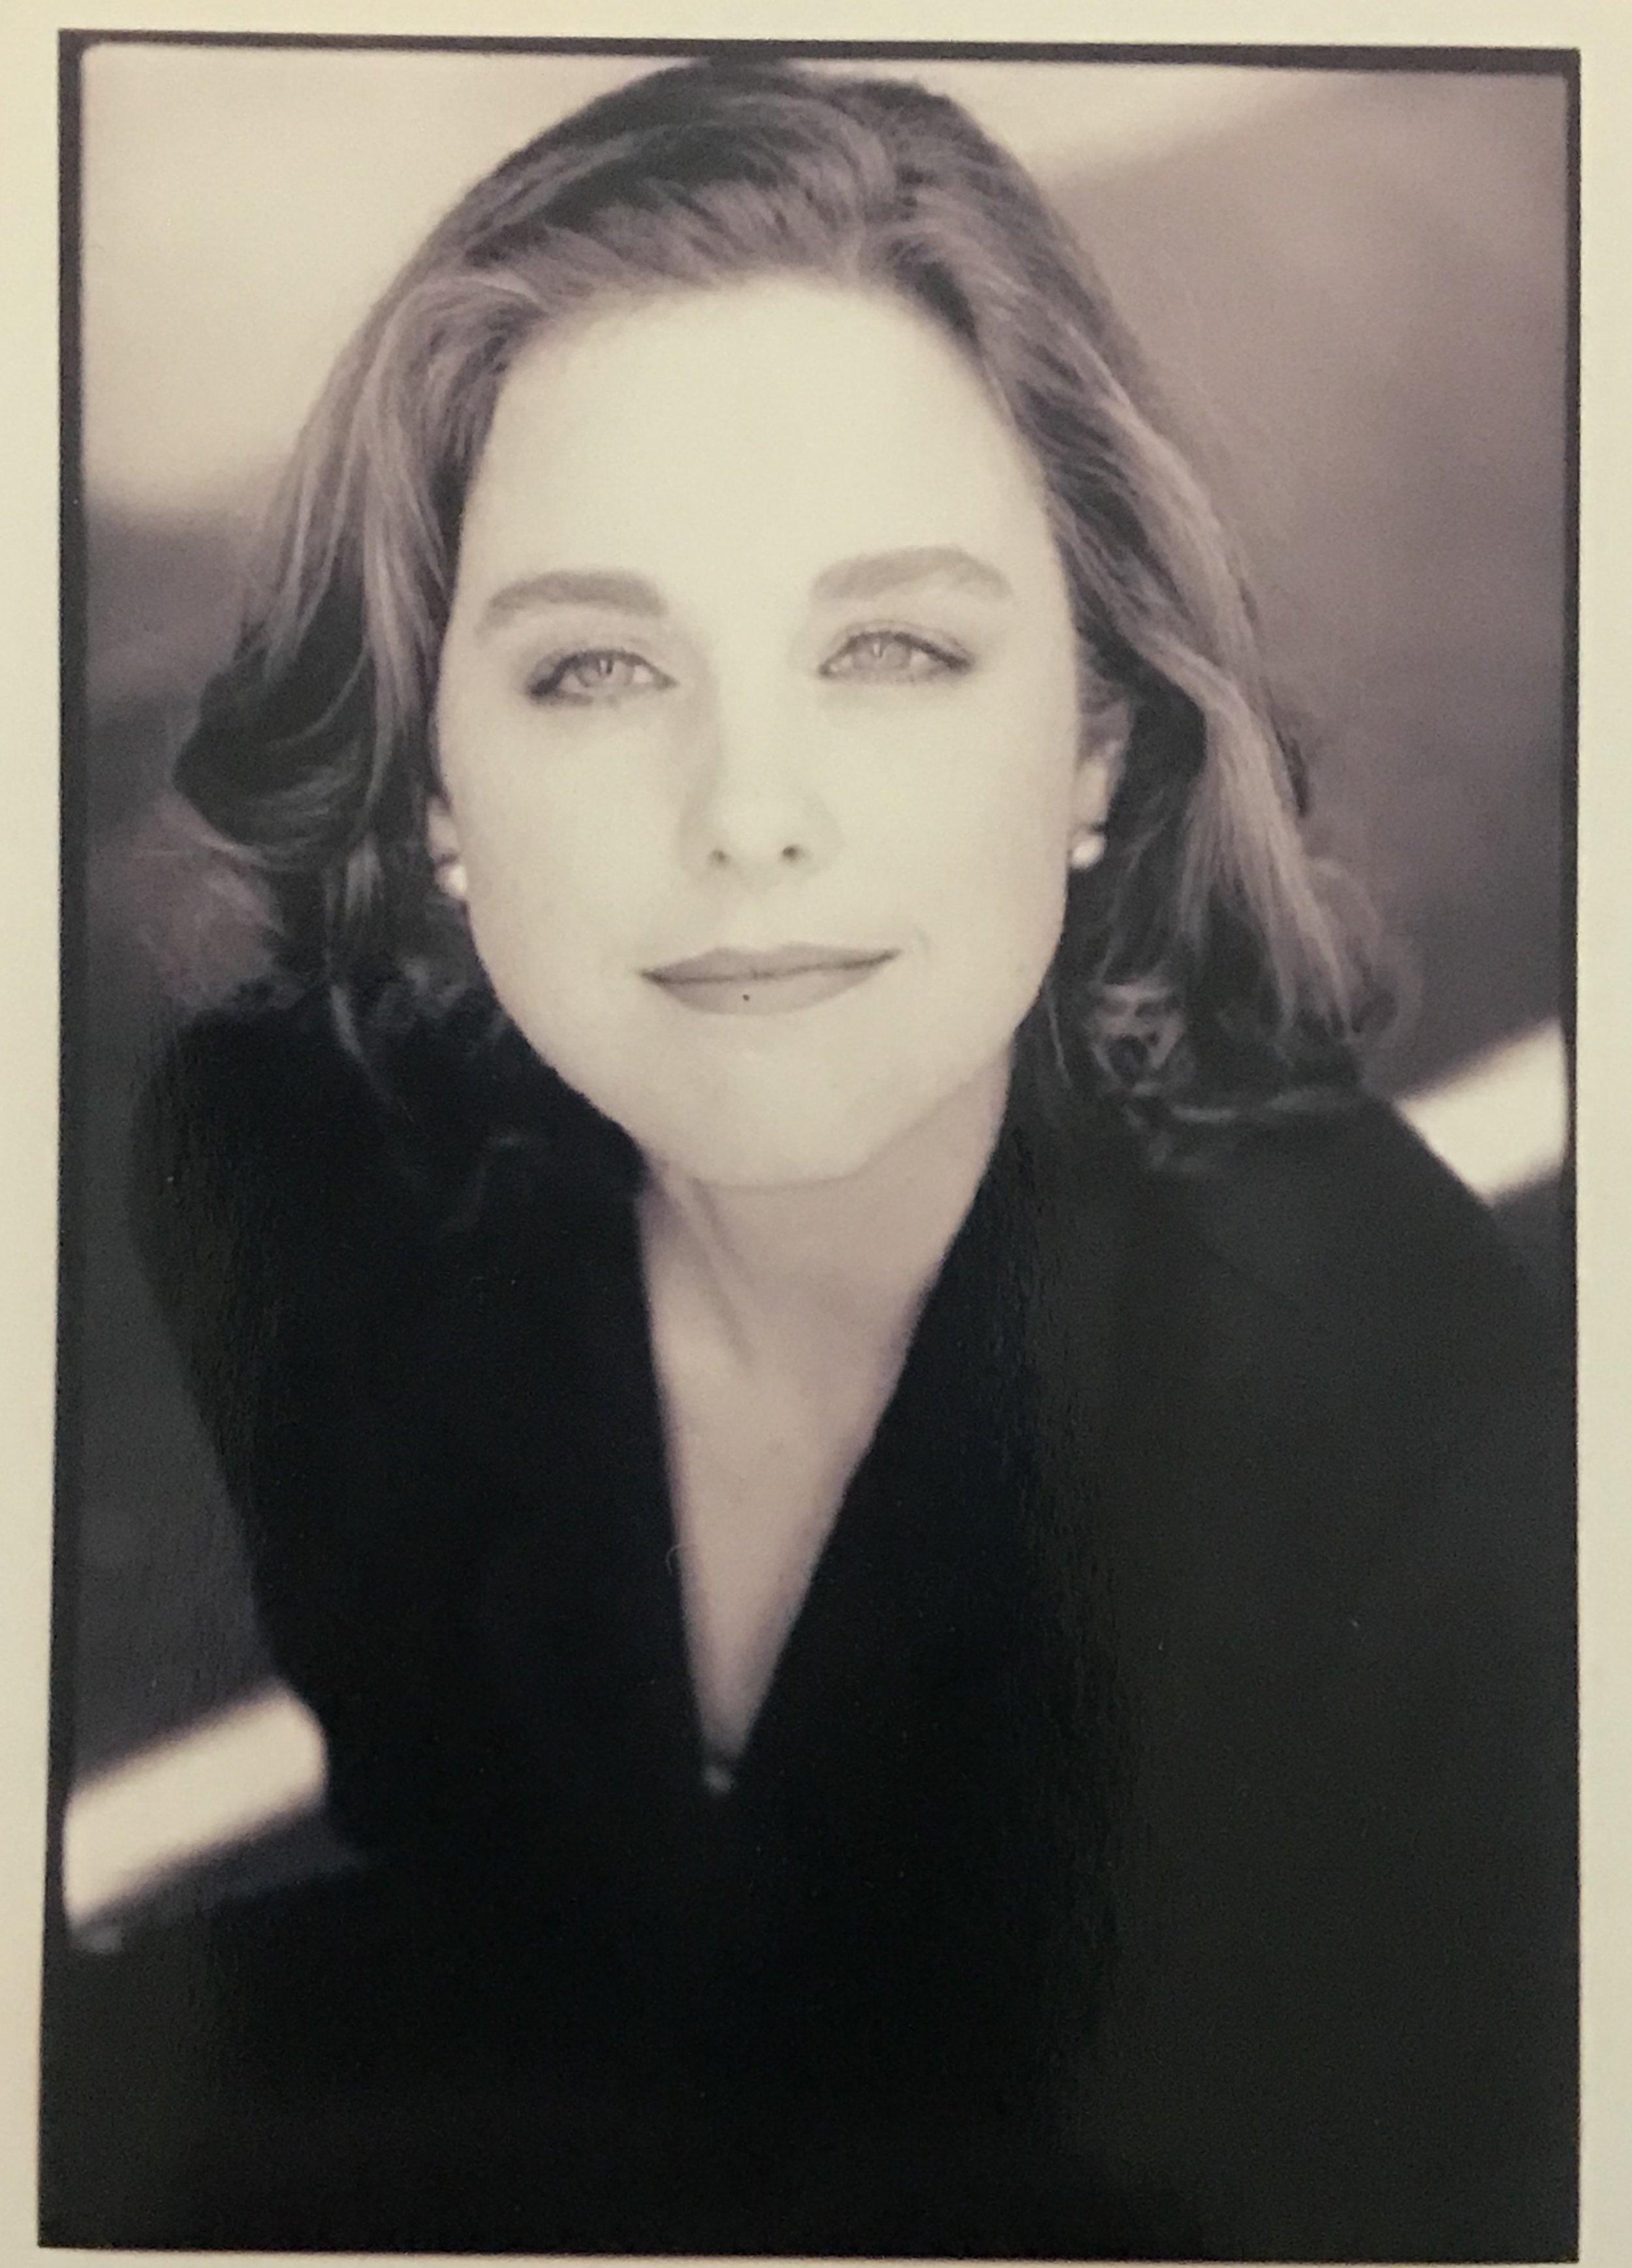 1999 Publicity Photo